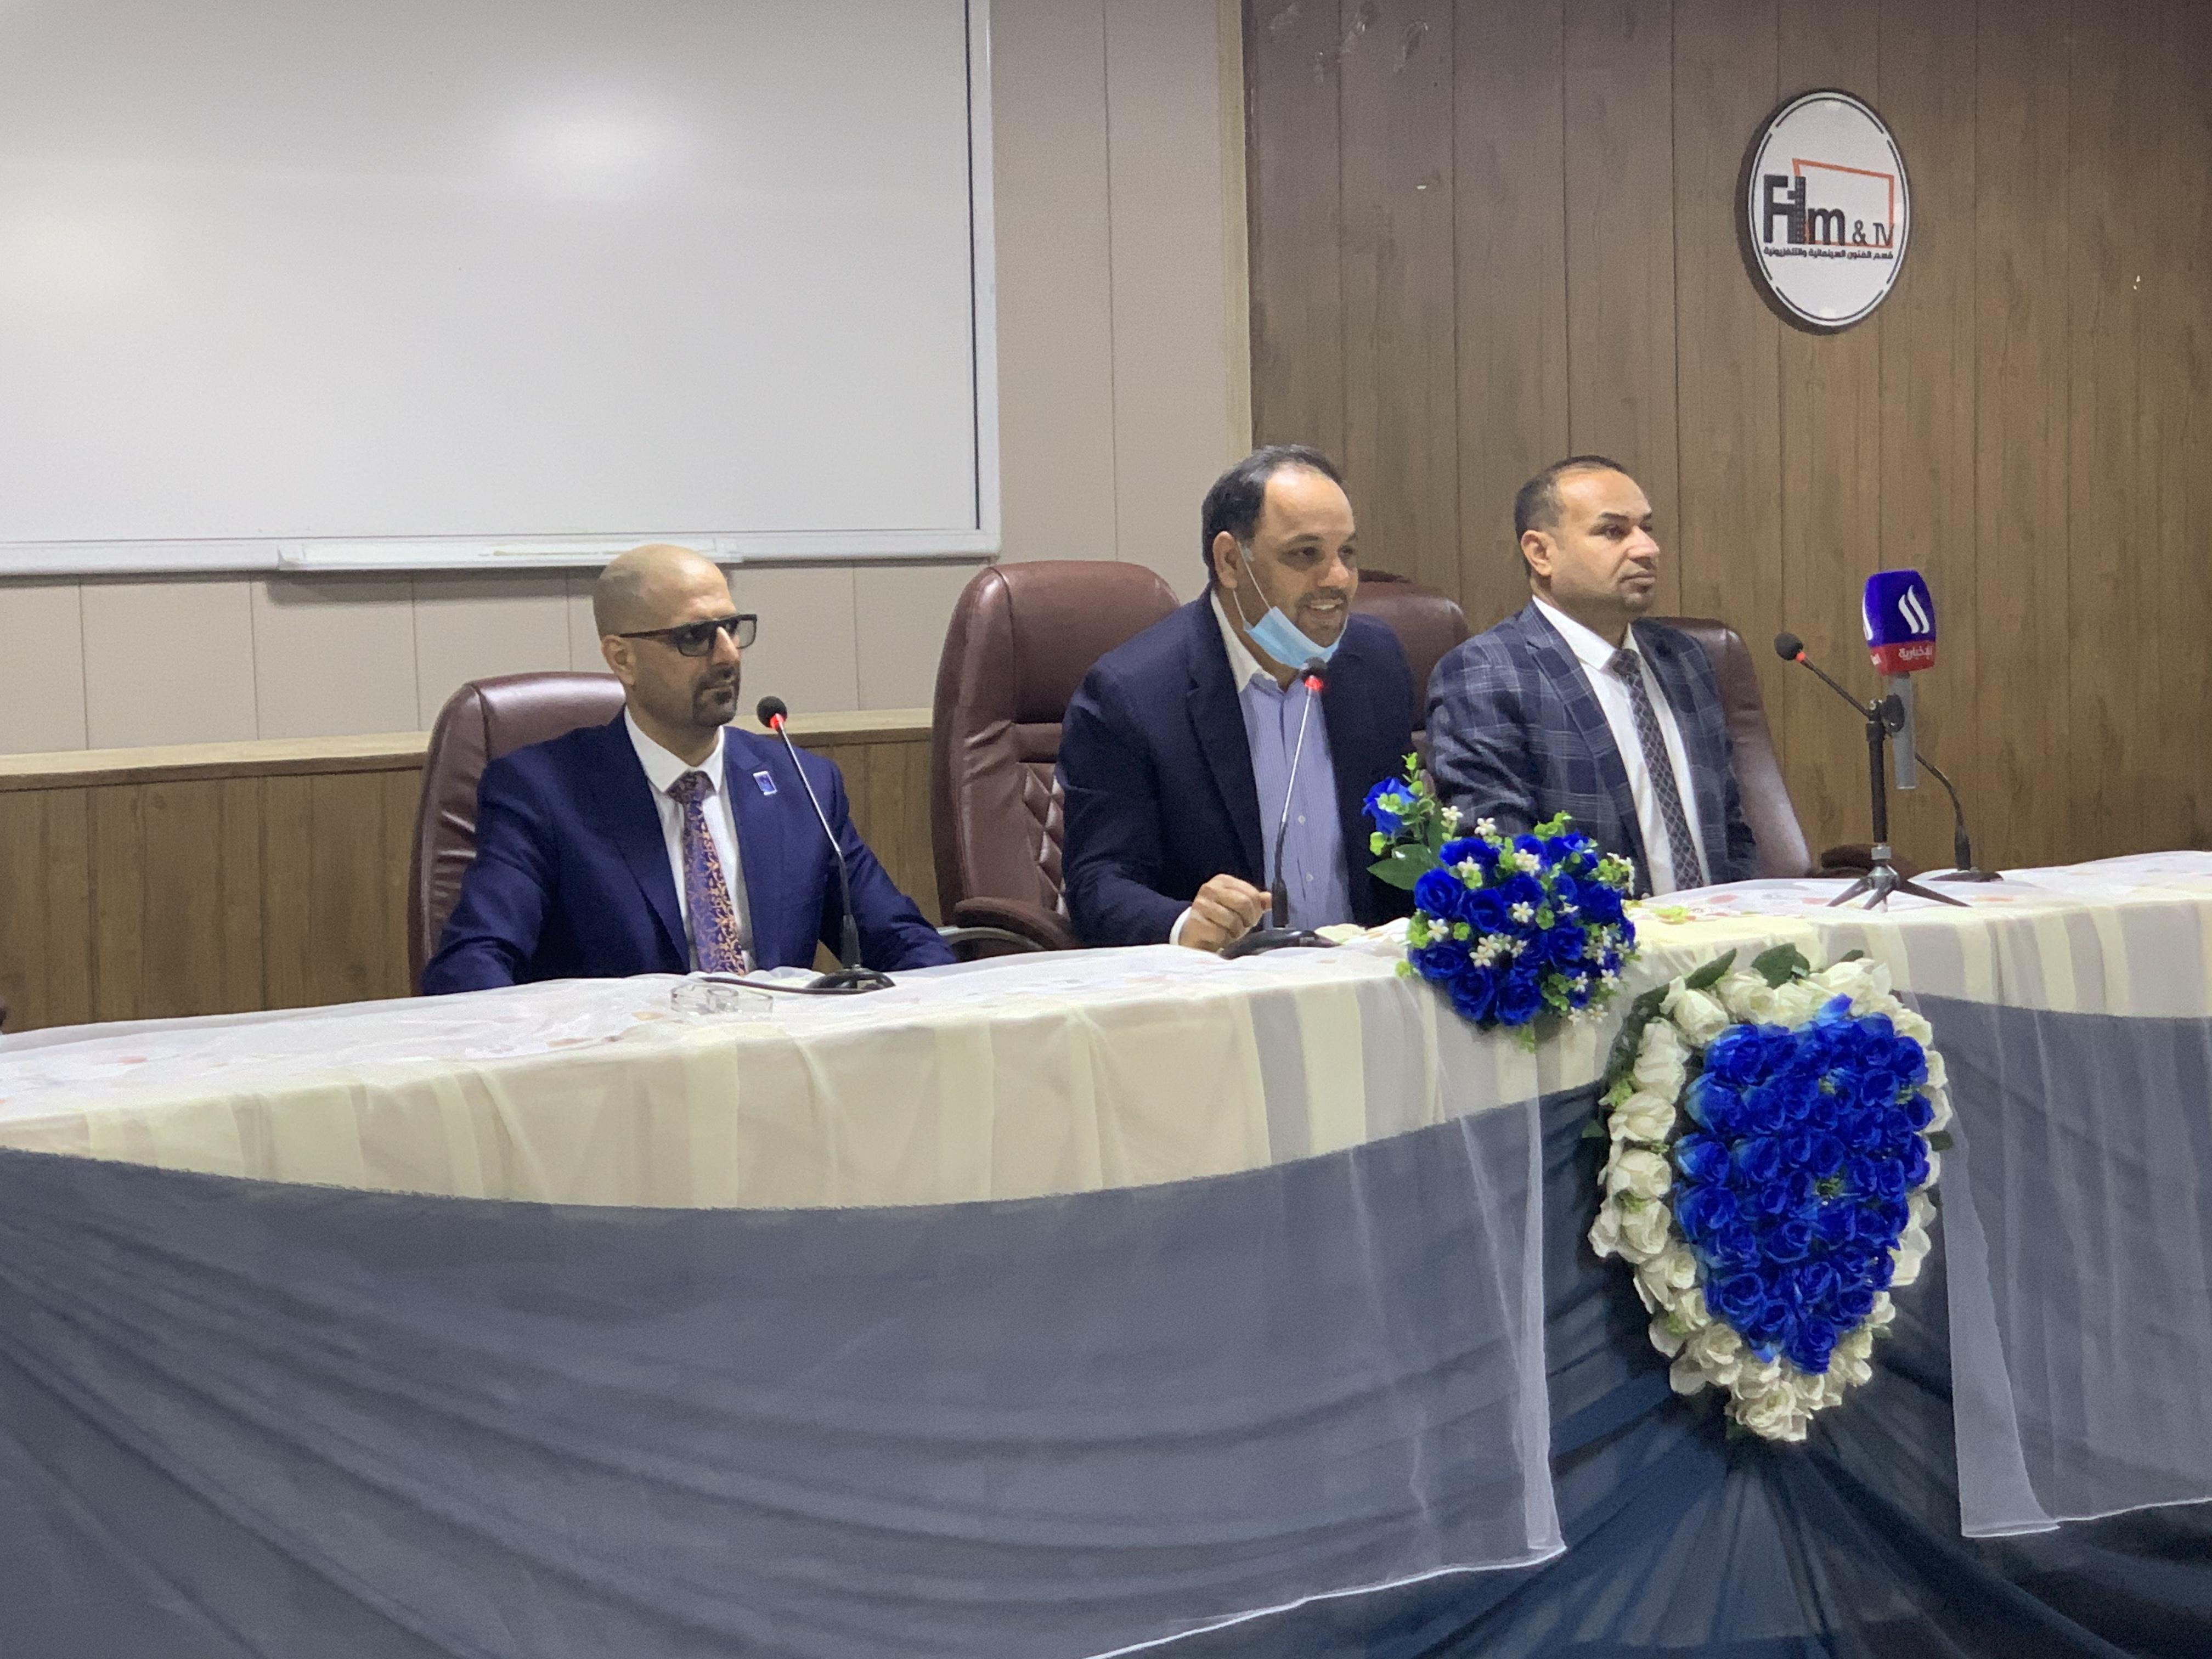 مكتب انتخابات بغداد/ الرصافة الانتخابي ينظم ورشة تثقيفية في كلية الفنون الجميلة